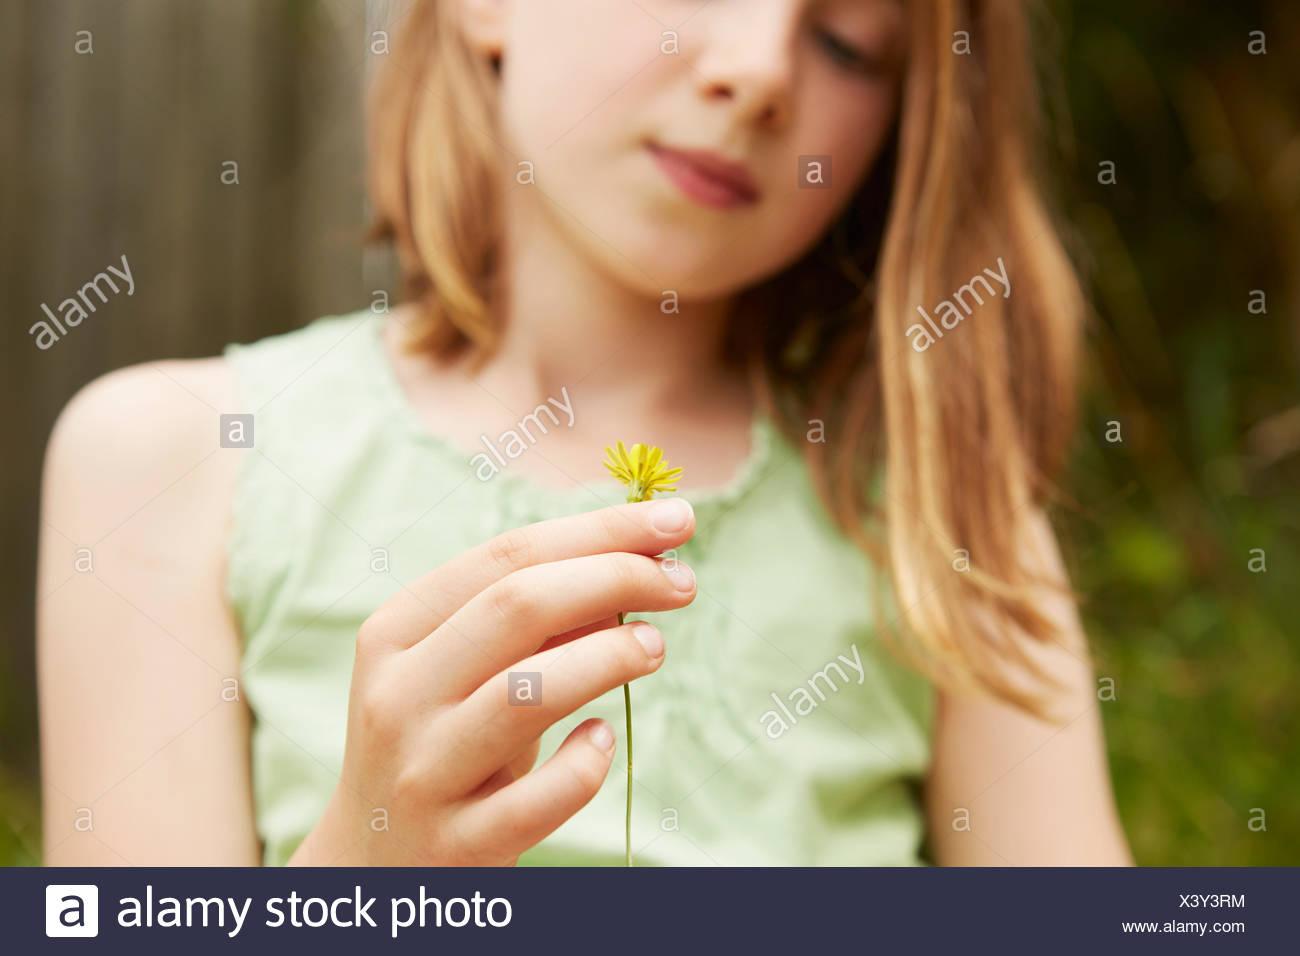 Ritagliato shot della ragazza con azienda fiore di dente di leone Immagini Stock